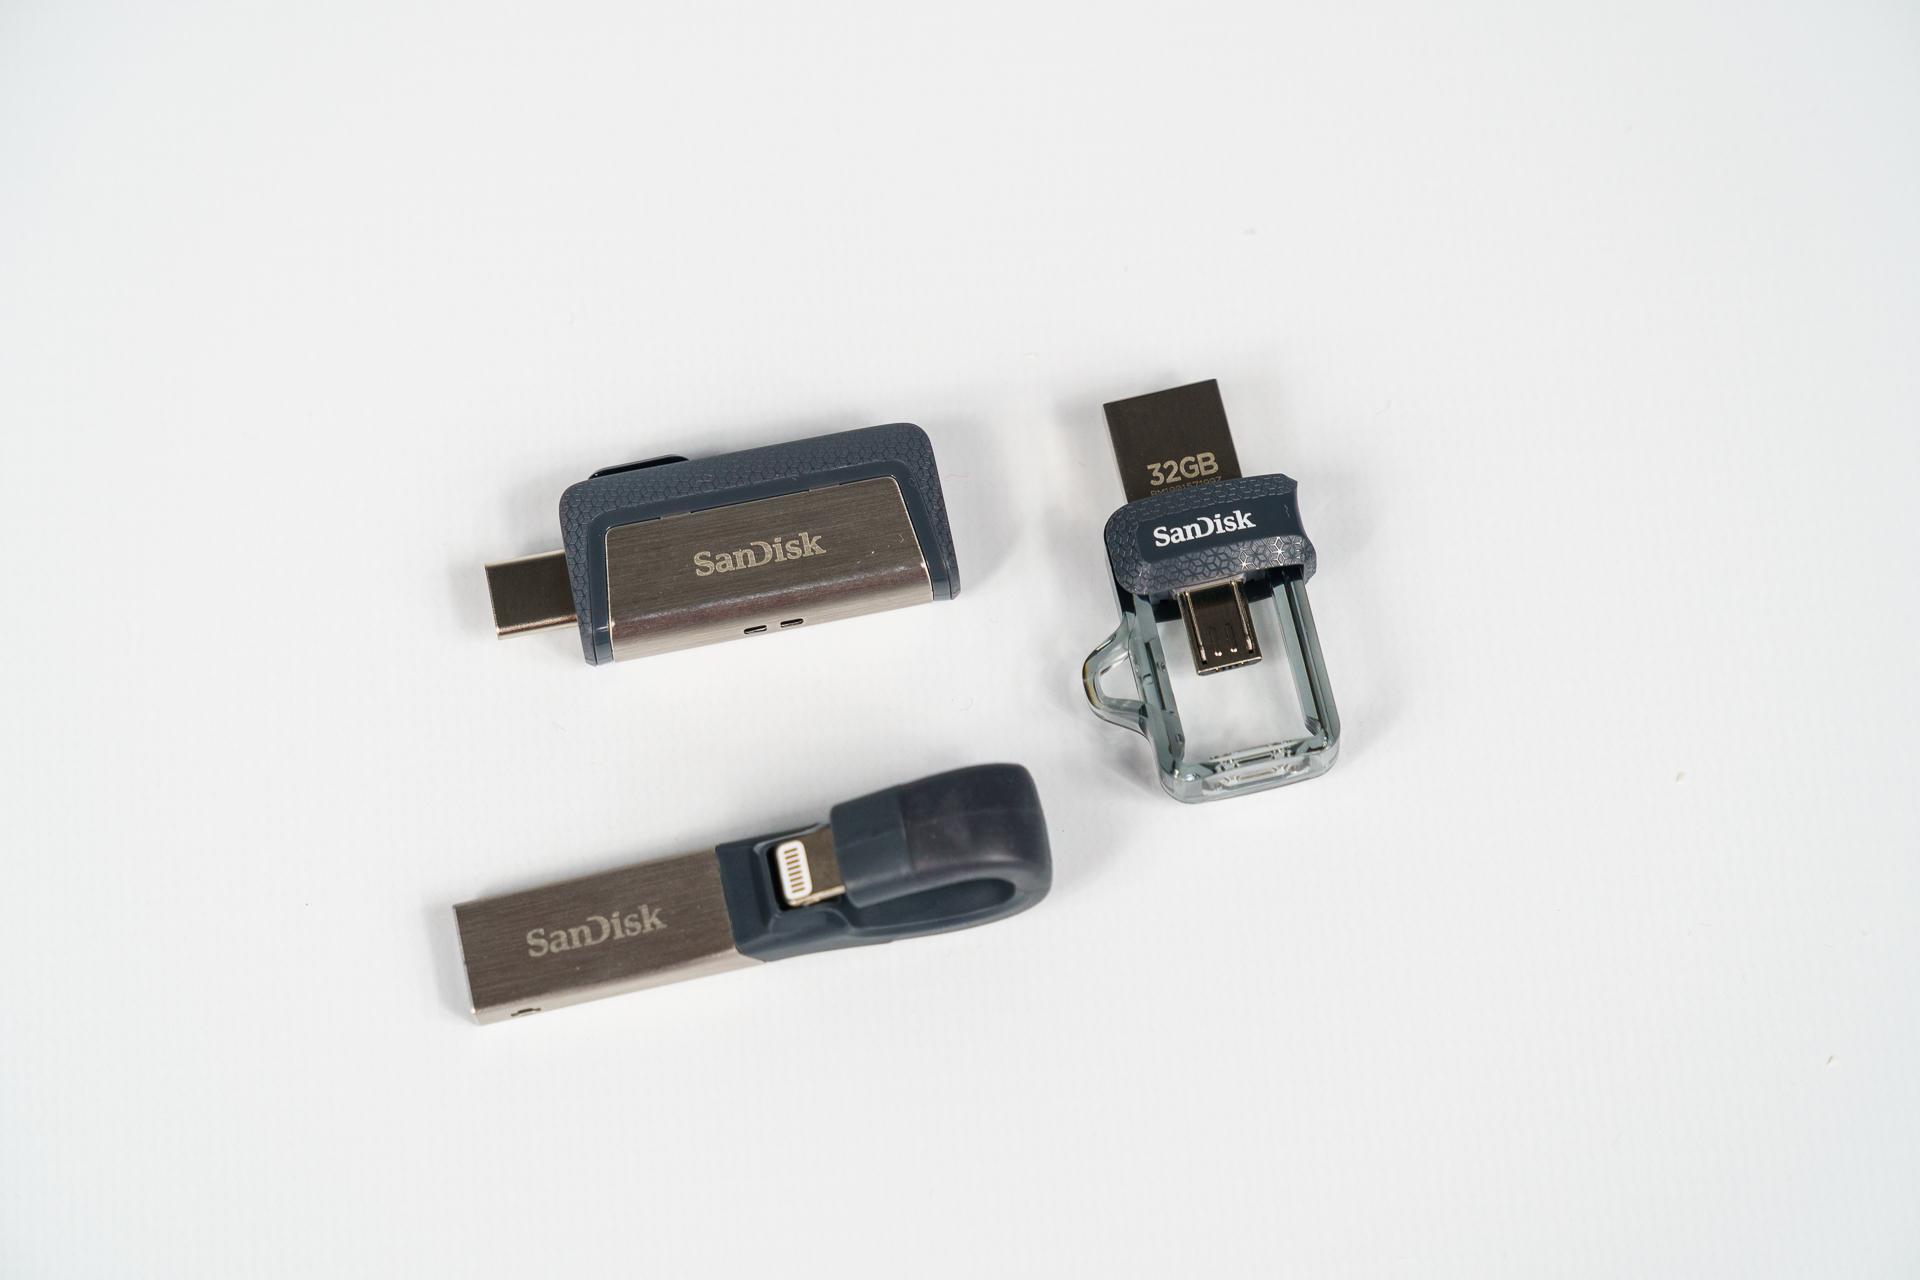 Jak wymieniać dane między PC a smartfonem, korzystając z pendrive'ów SanDisk? 20